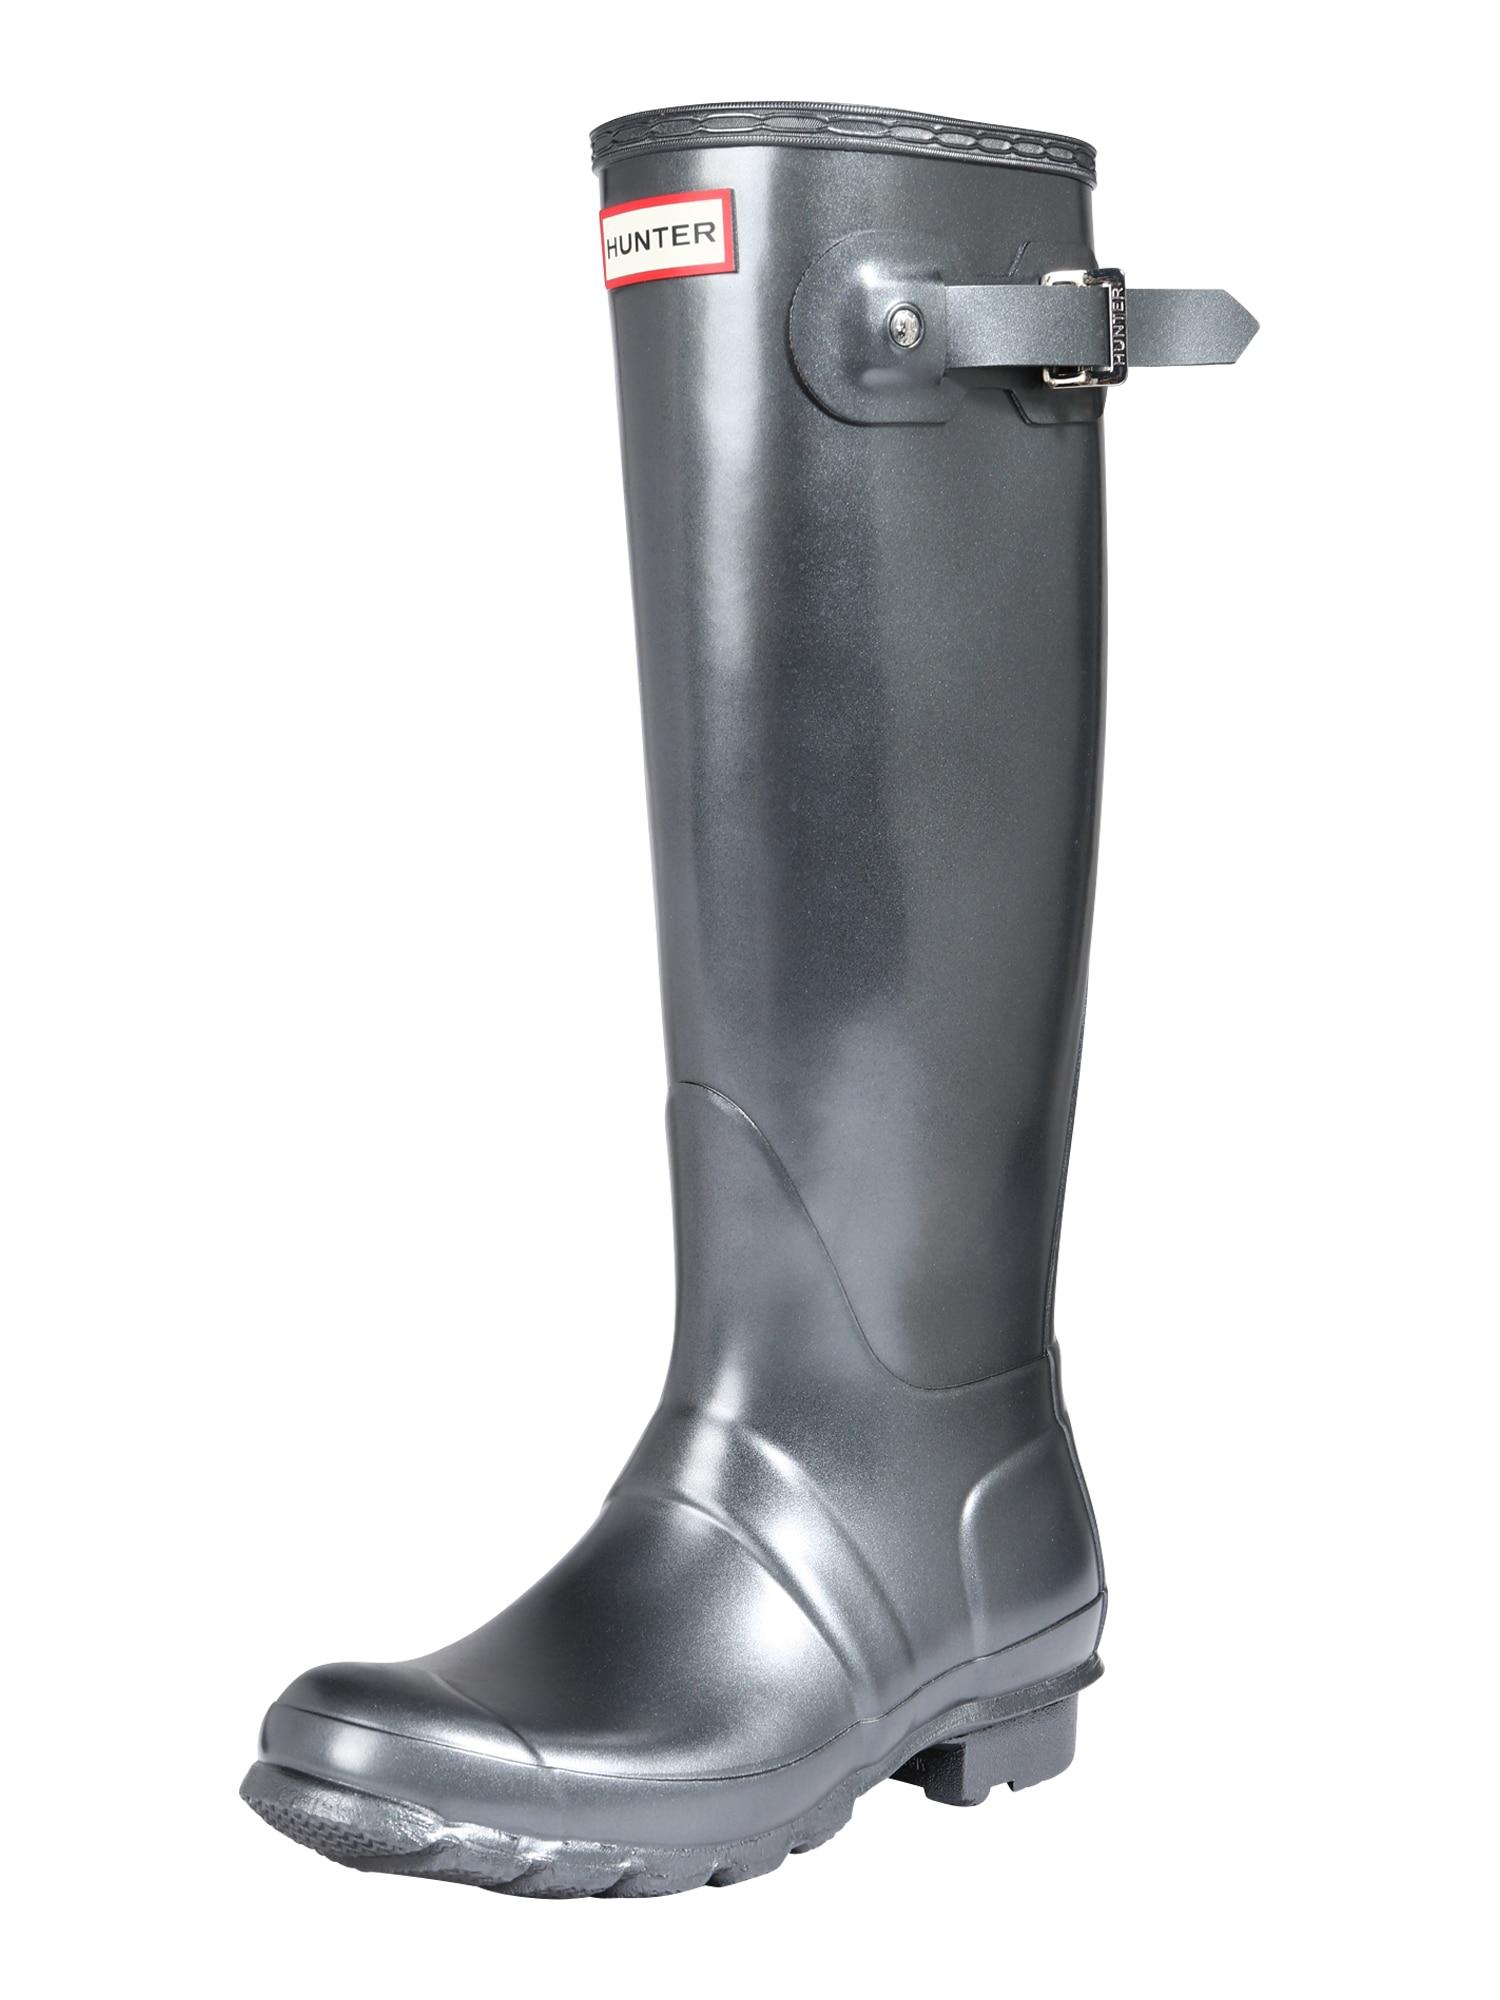 HUNTER Guminiai batai sidabrinė